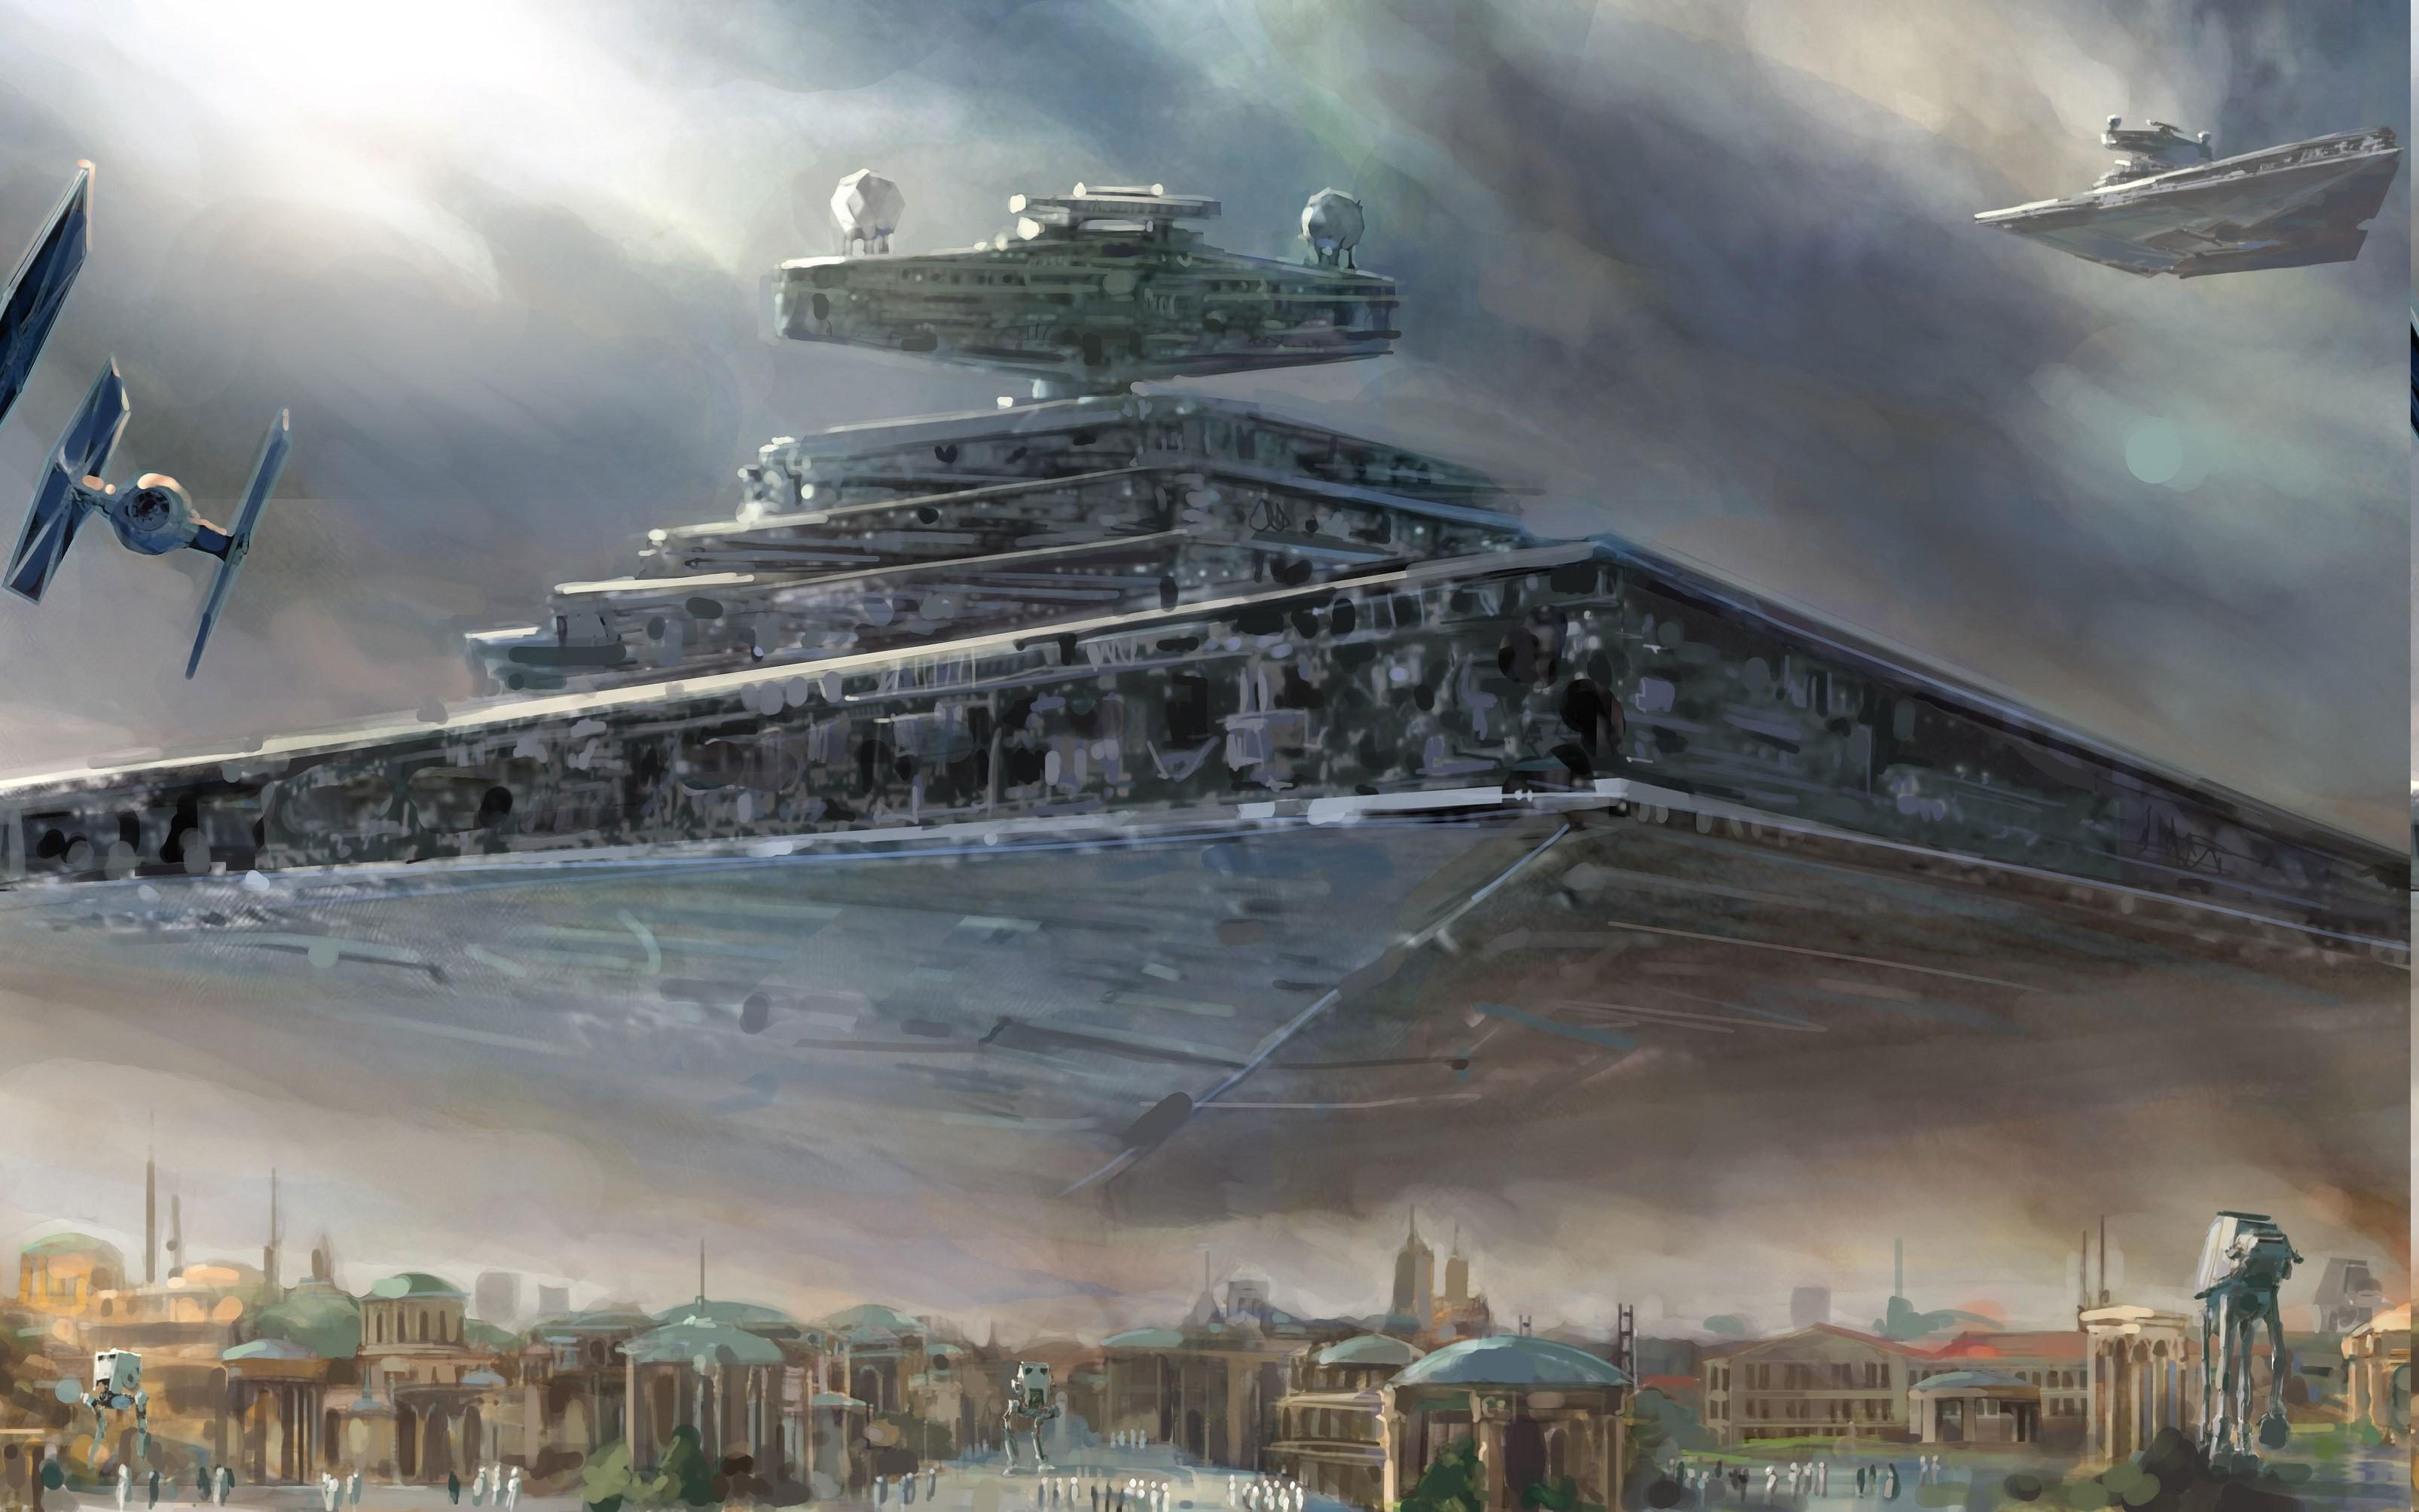 Star Wars, Star Destroyer, Spaceship, TIE Fighter, Painting